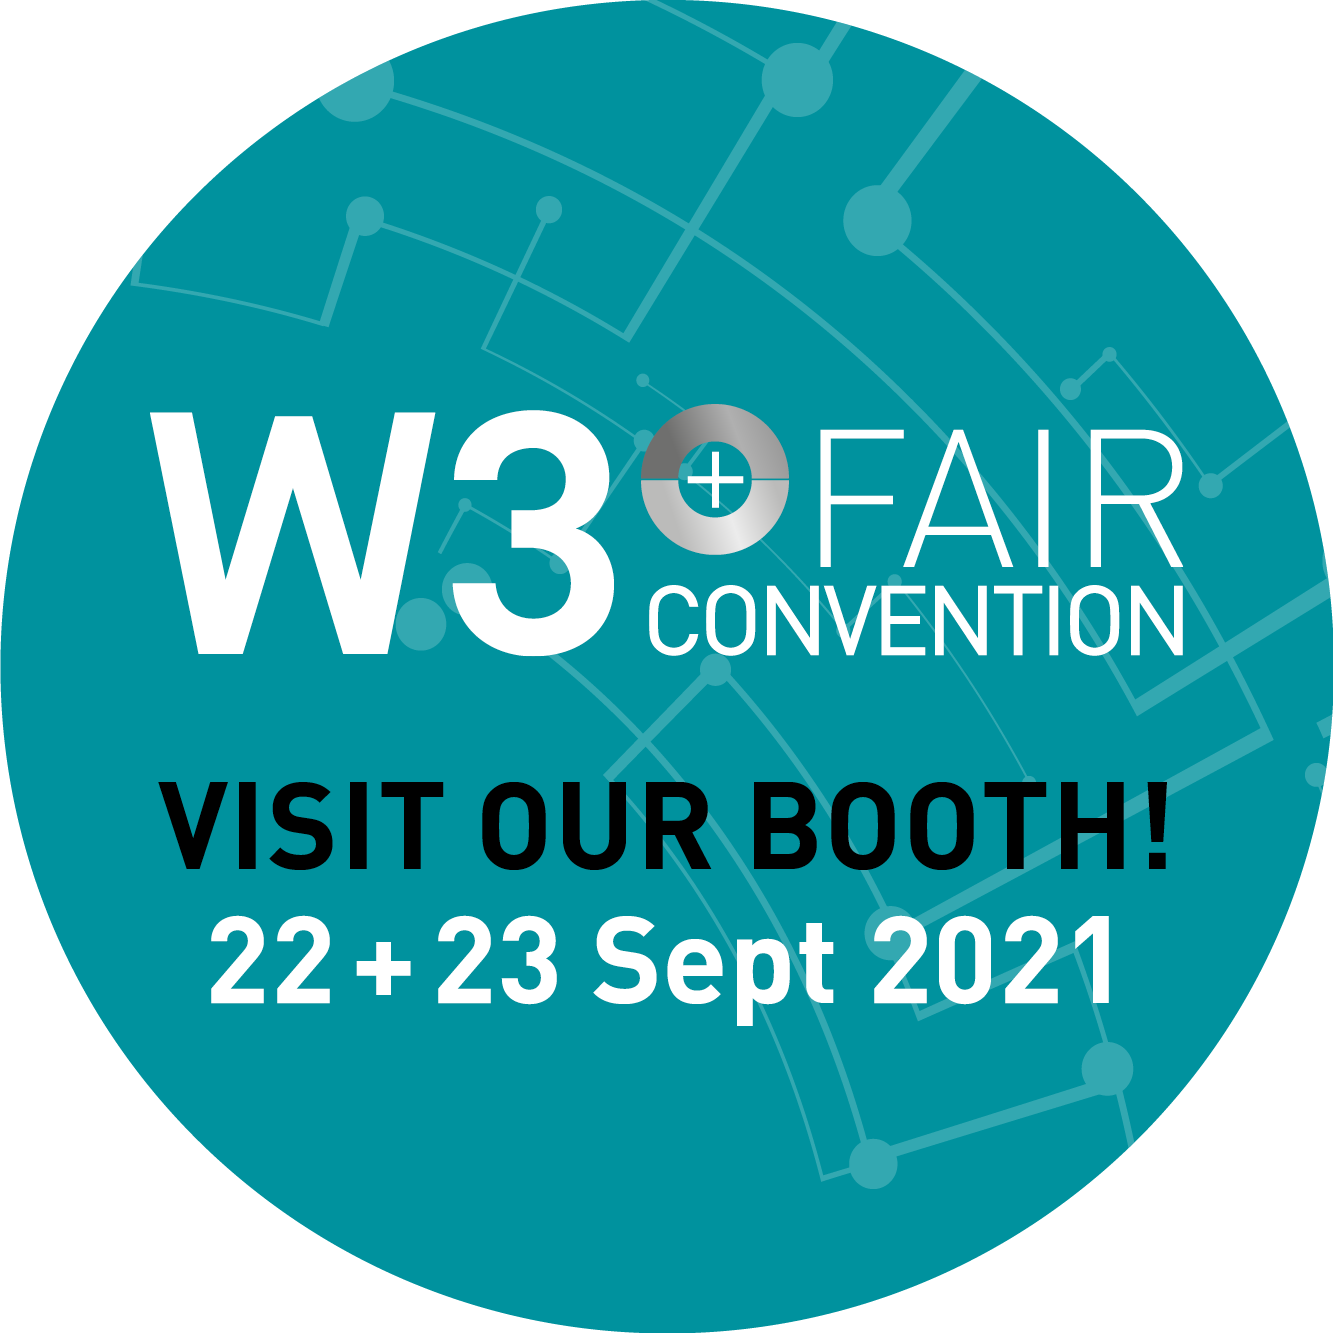 W3+ Fair Convention